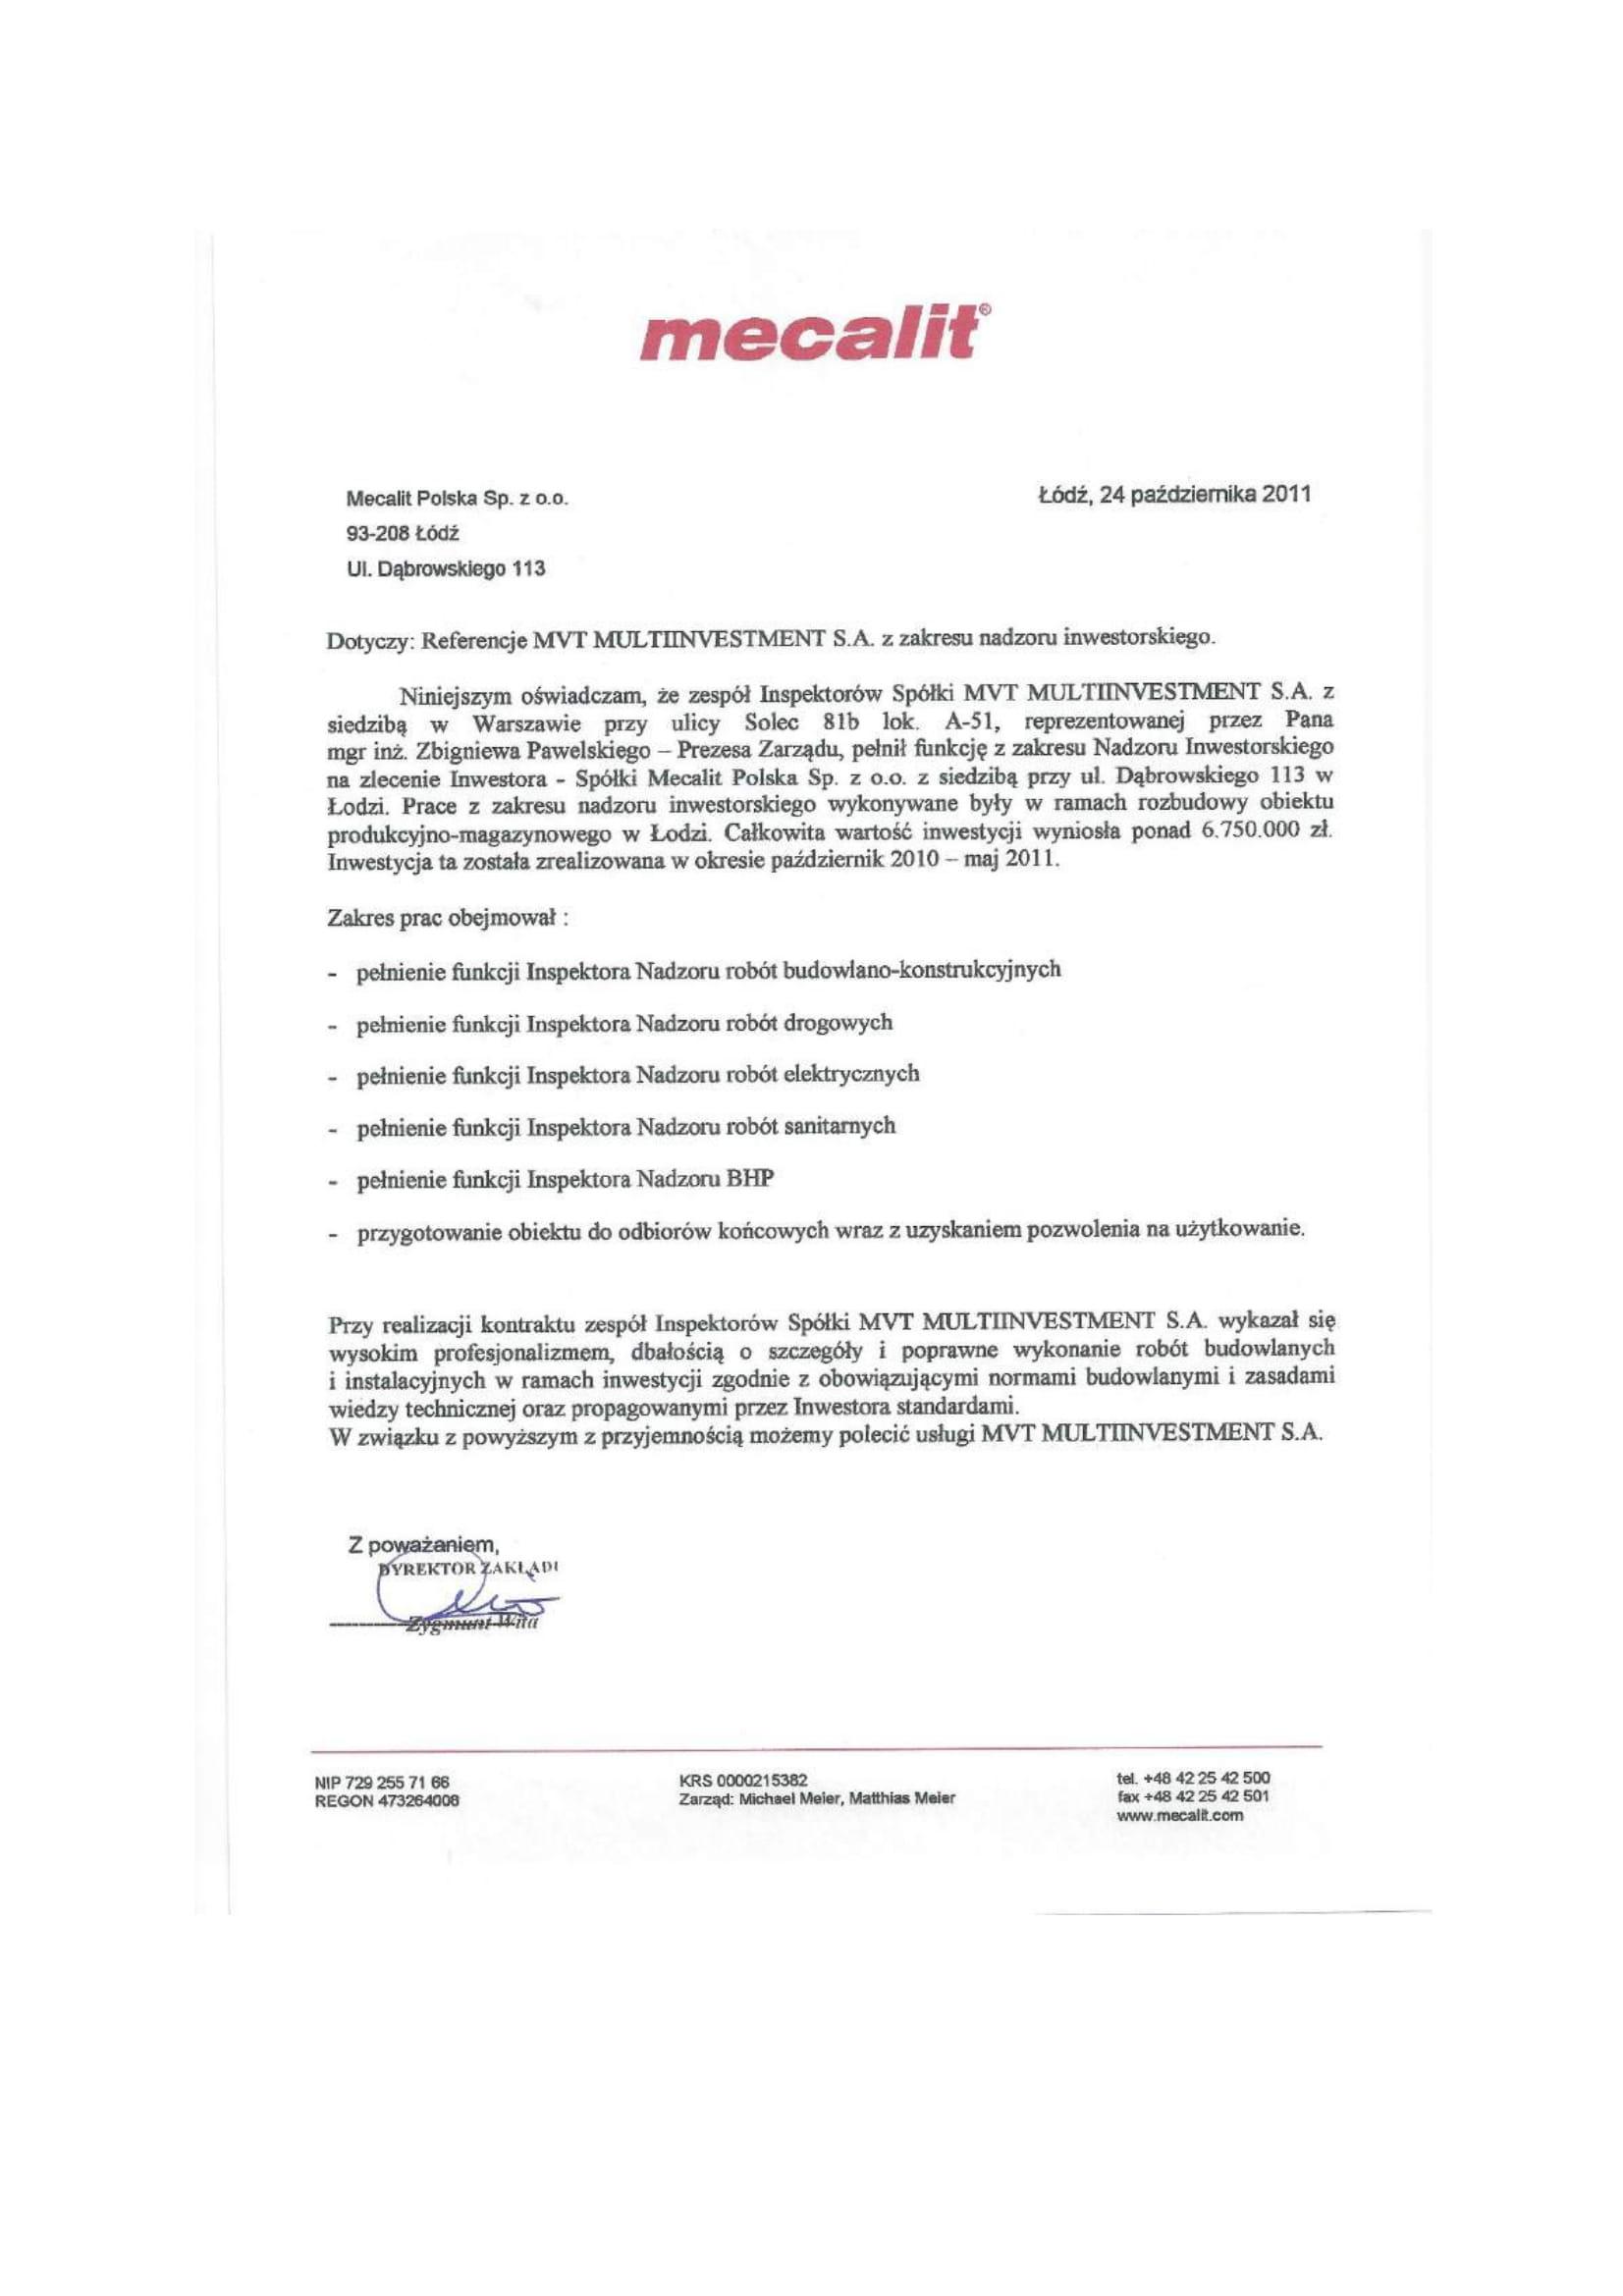 Referencje_mvt_mecalit